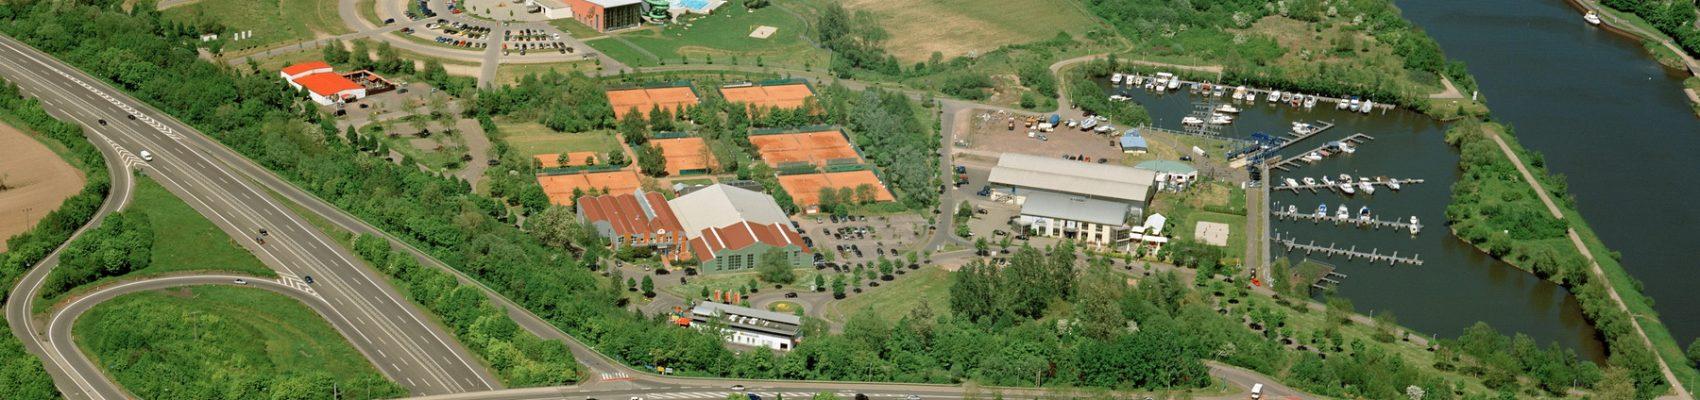 Luftaufnahme des Sport- und Freizeitparks an der Saar